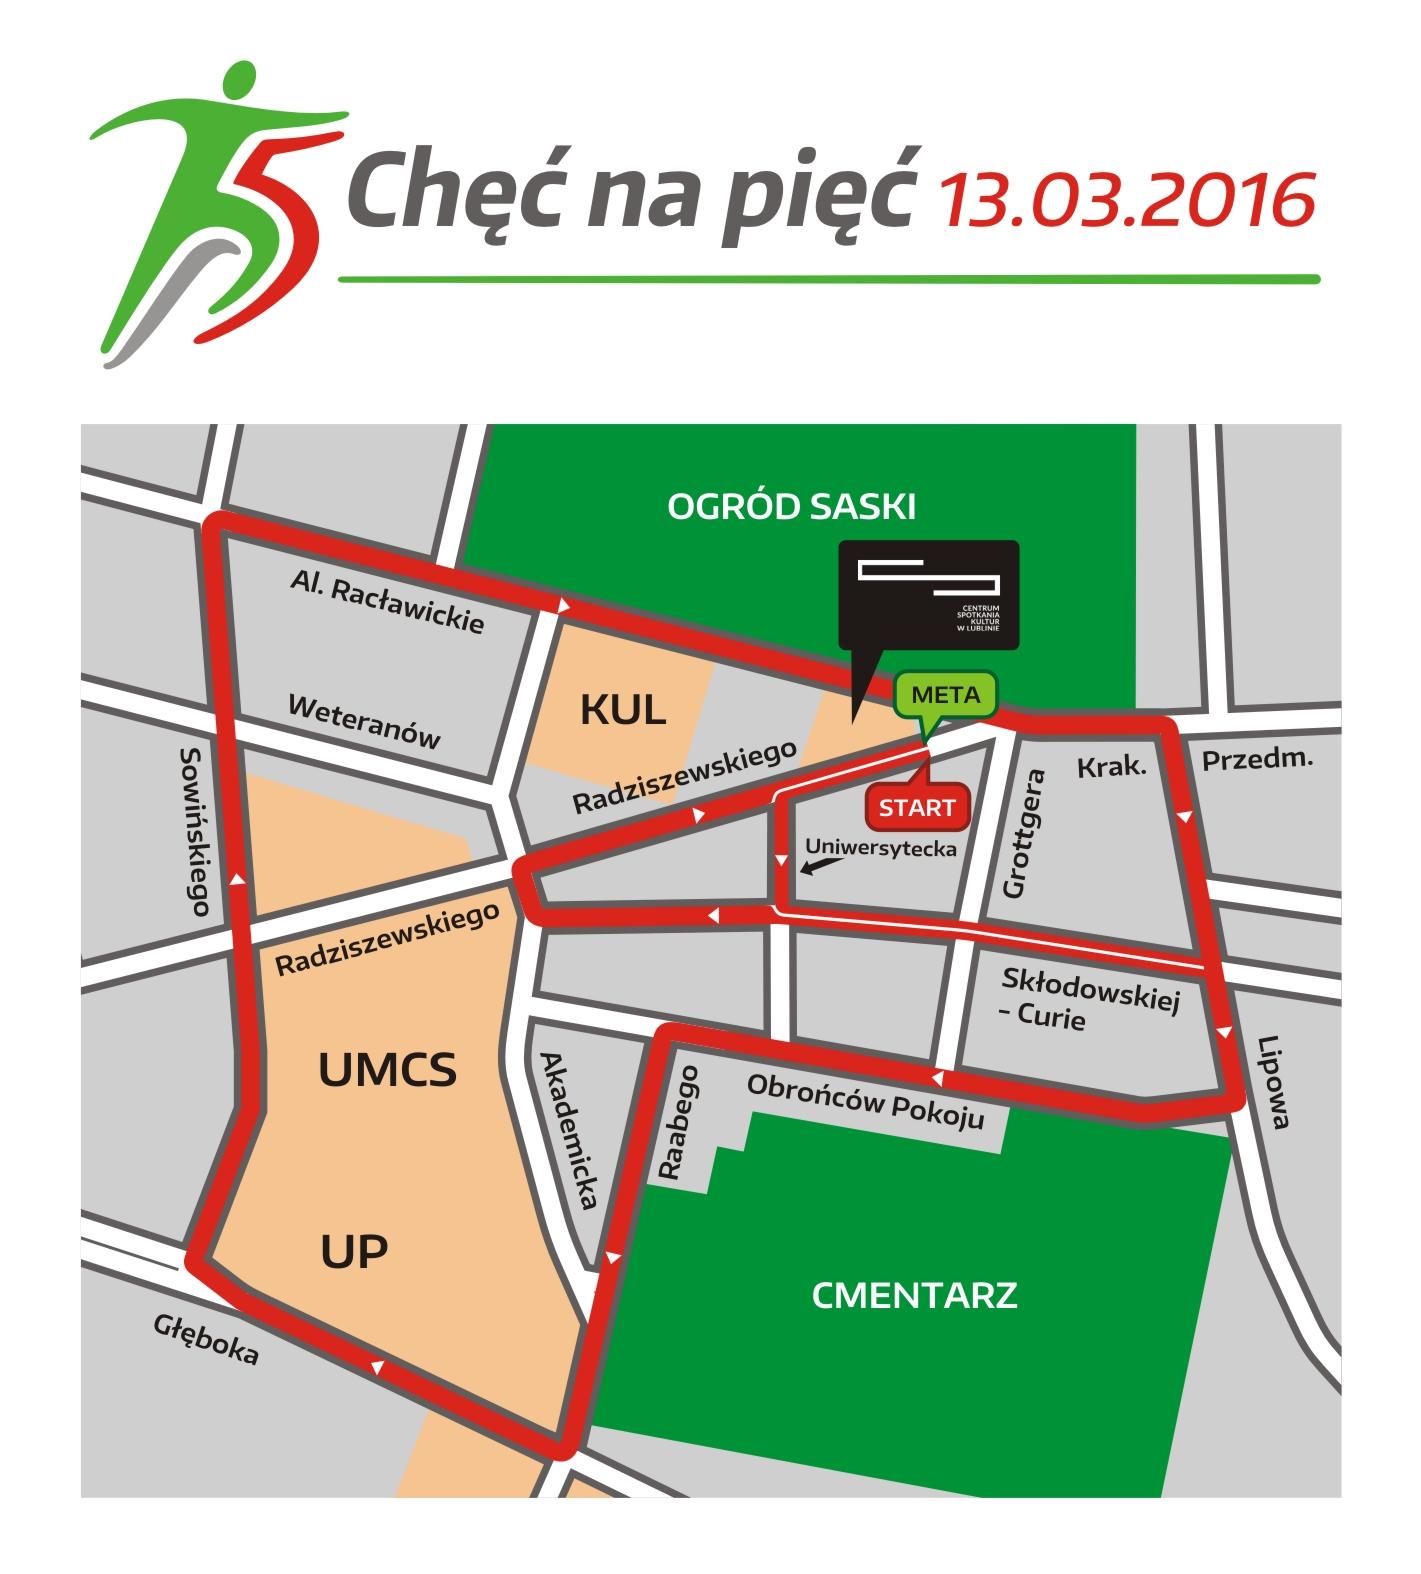 Trasa Chęć na Pięć (www.maraton.lublin.eu)